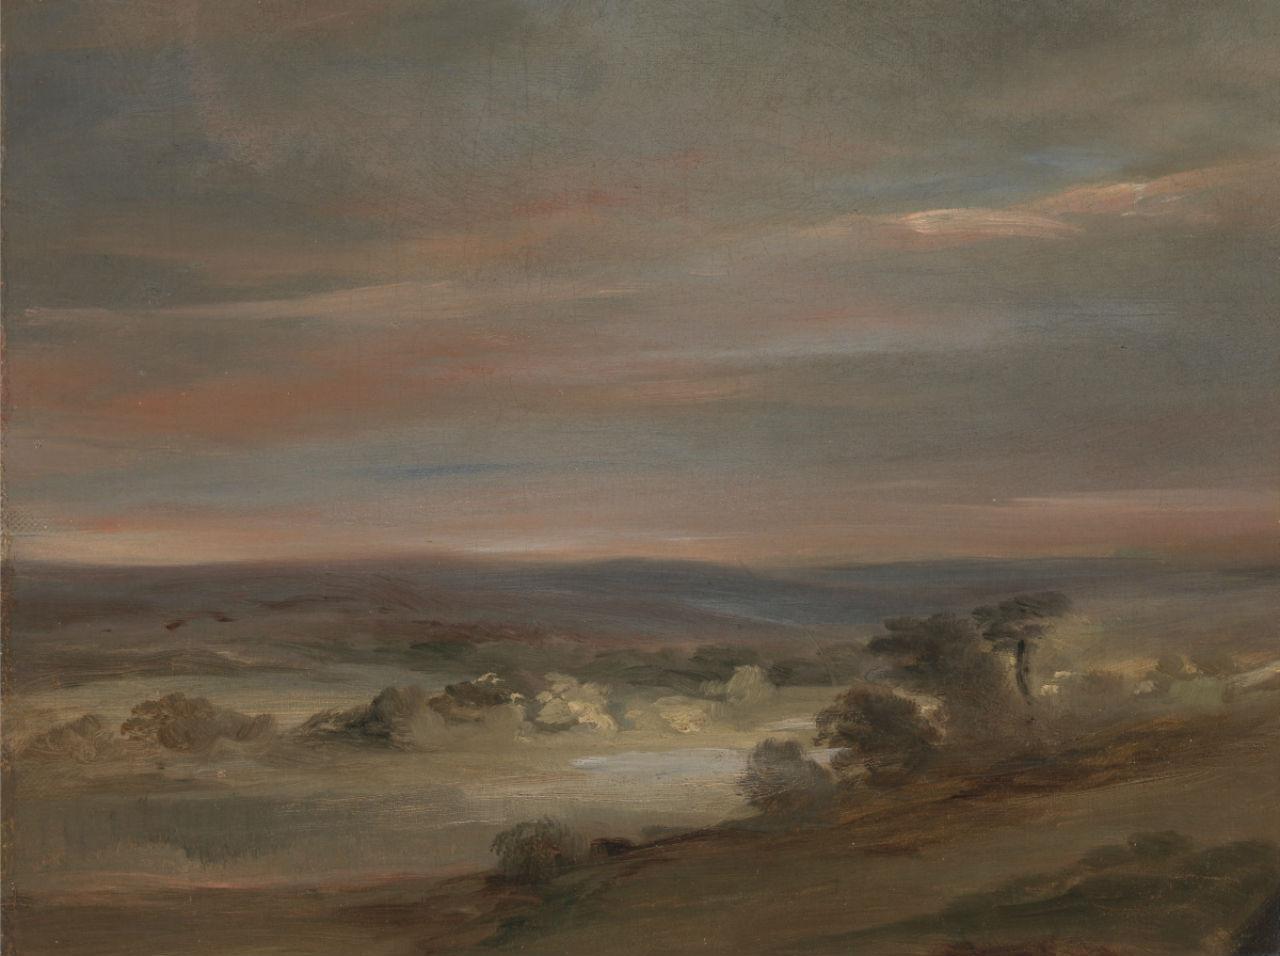 9-Джон Констебл - Вид на Хэмпстед-Хит раннее утро - 1821.jpg